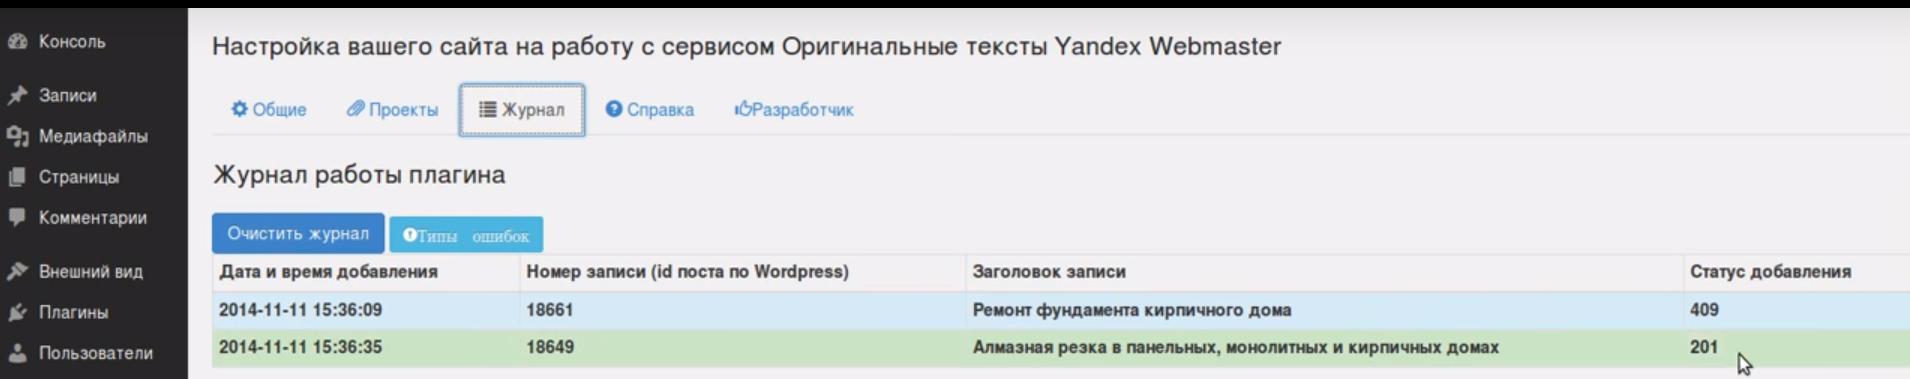 Журнал плагина для Оригинальных текстов Яндекса